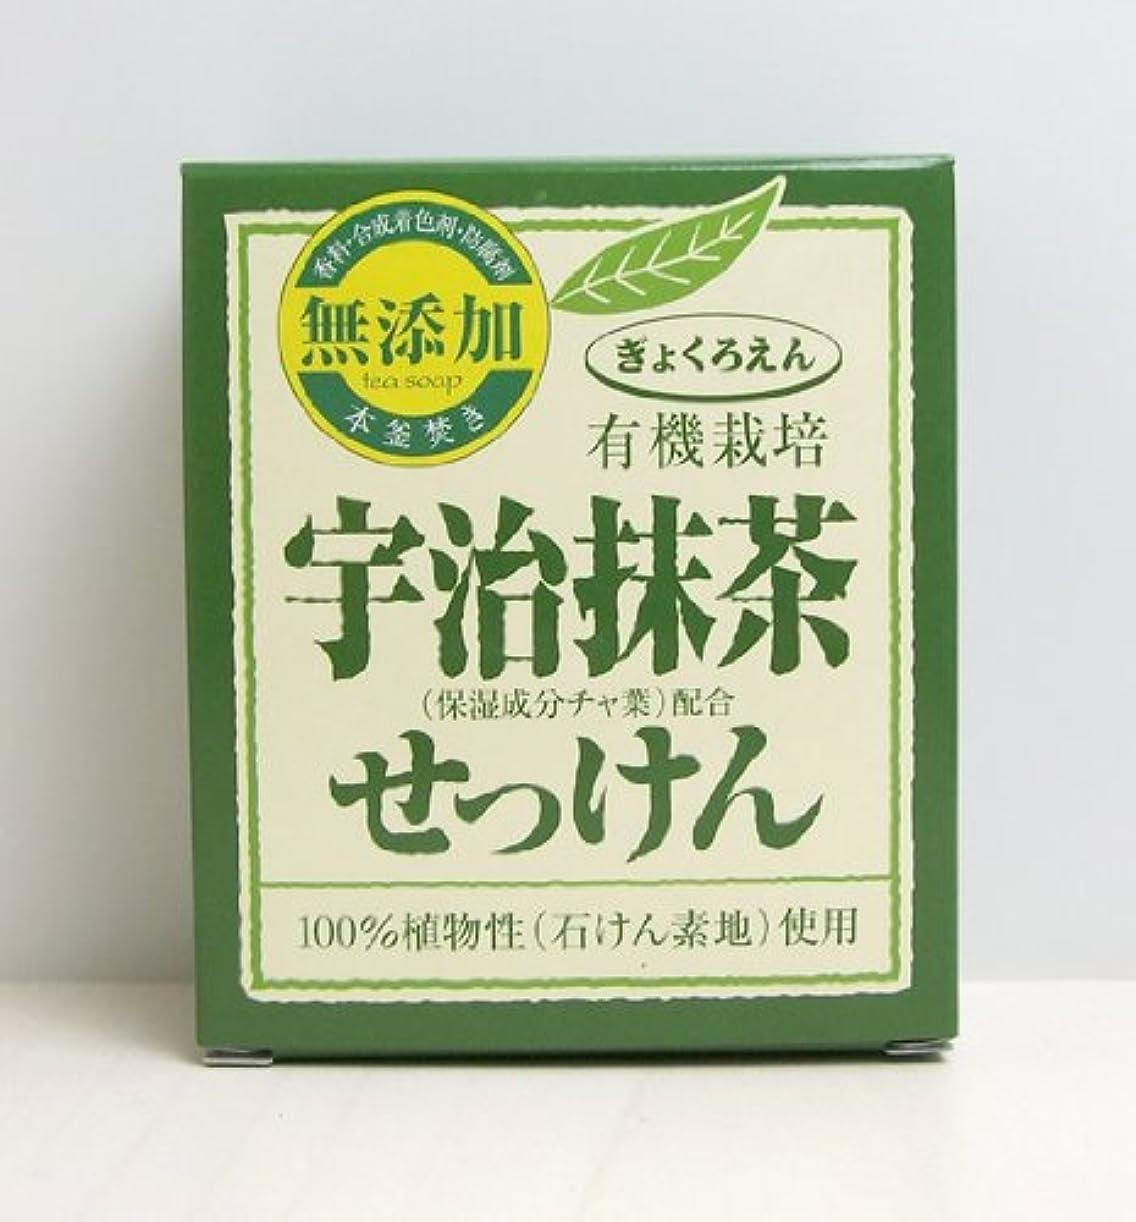 調子けん引覚醒お茶のせっけん:有機栽培宇治抹茶せっけん